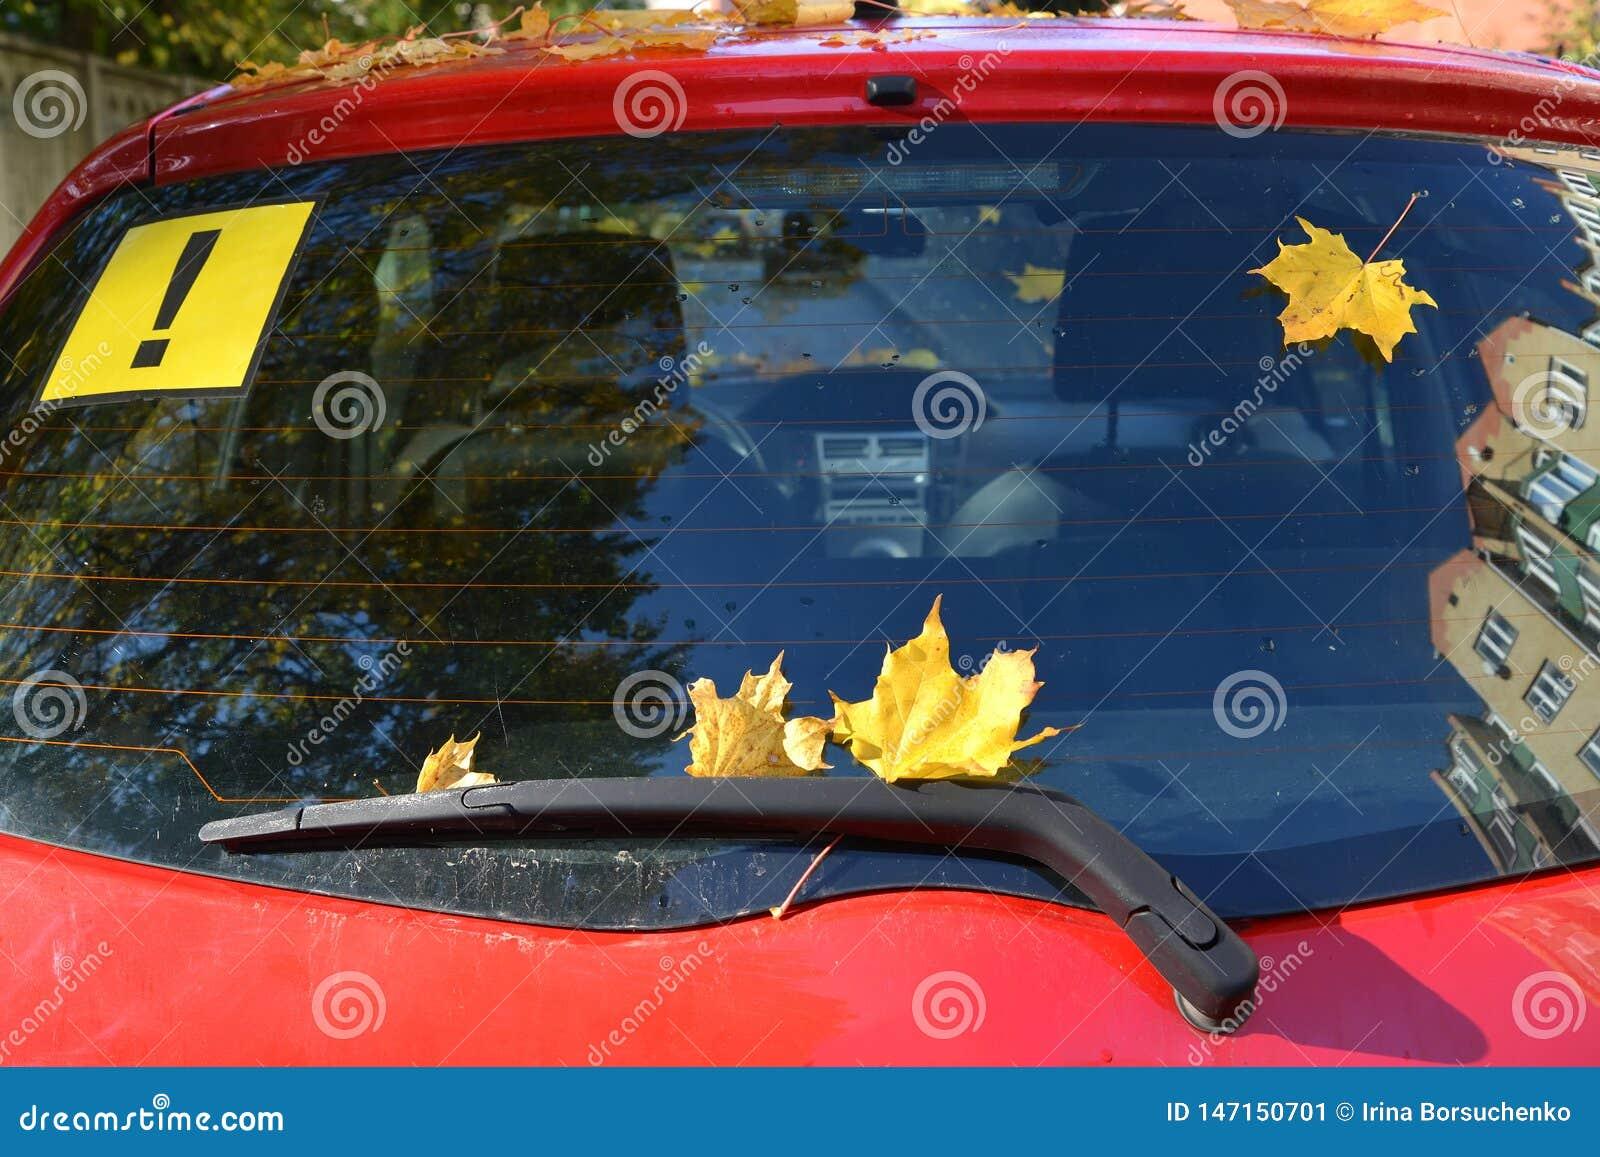 黄色枫叶和贴纸与惊叹号在汽车的后方屏幕上